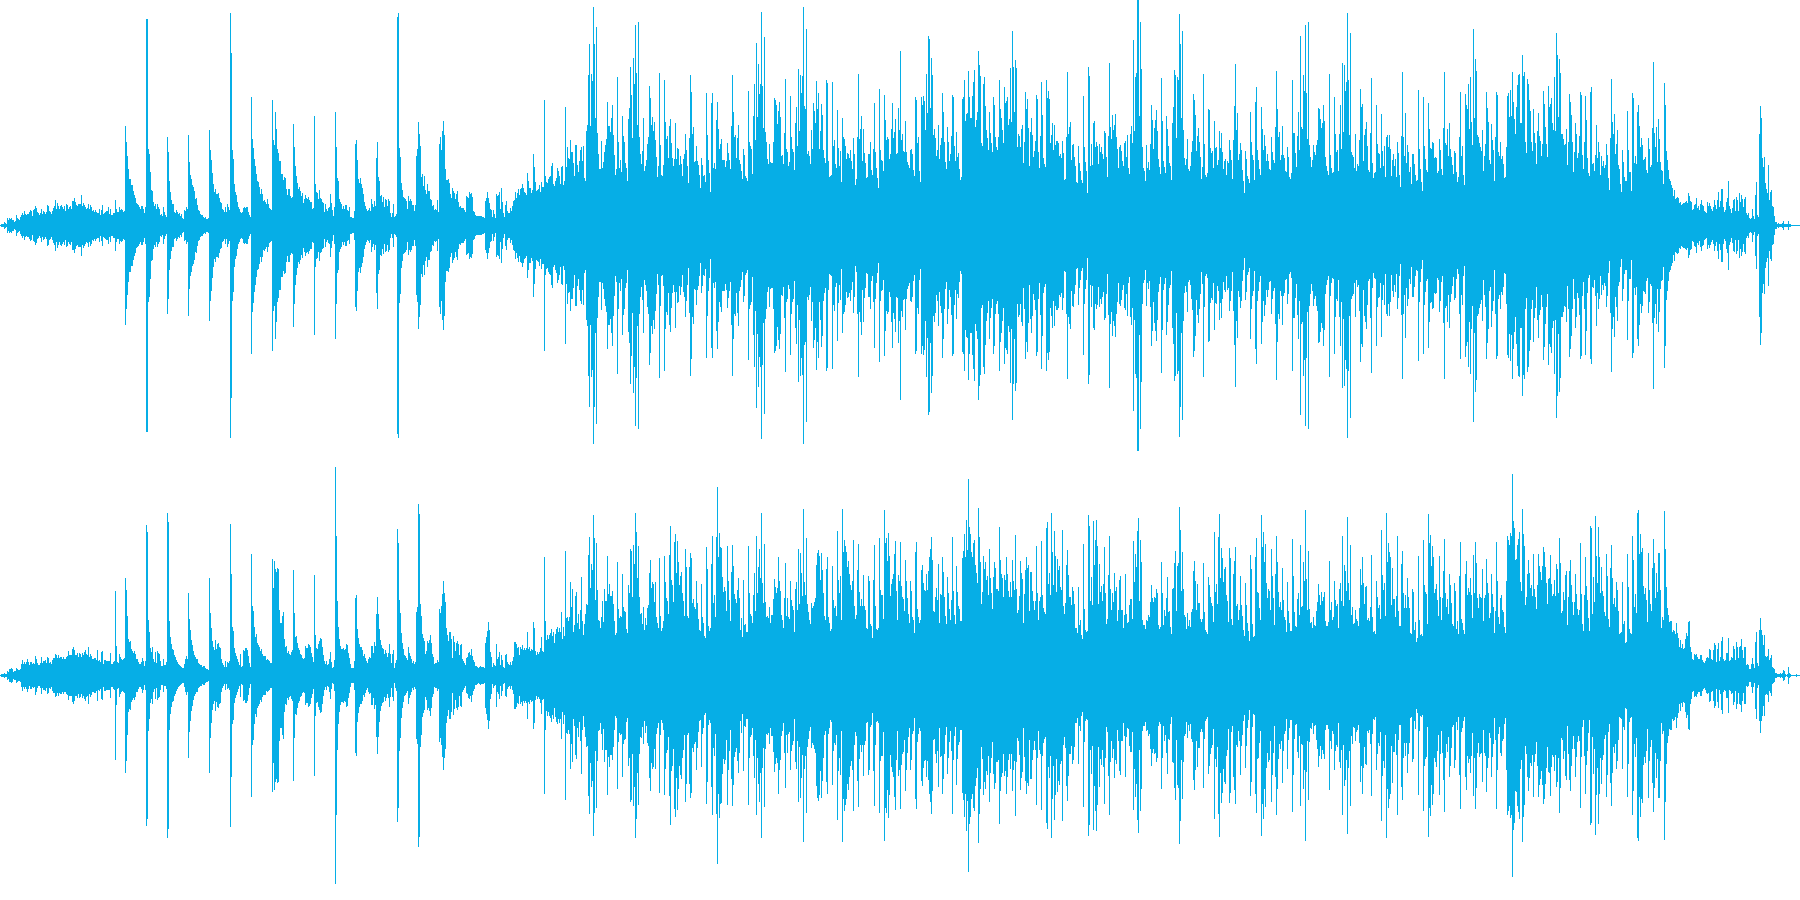 野鳥がさえずる深緑ヒーリングミュージックの再生済みの波形